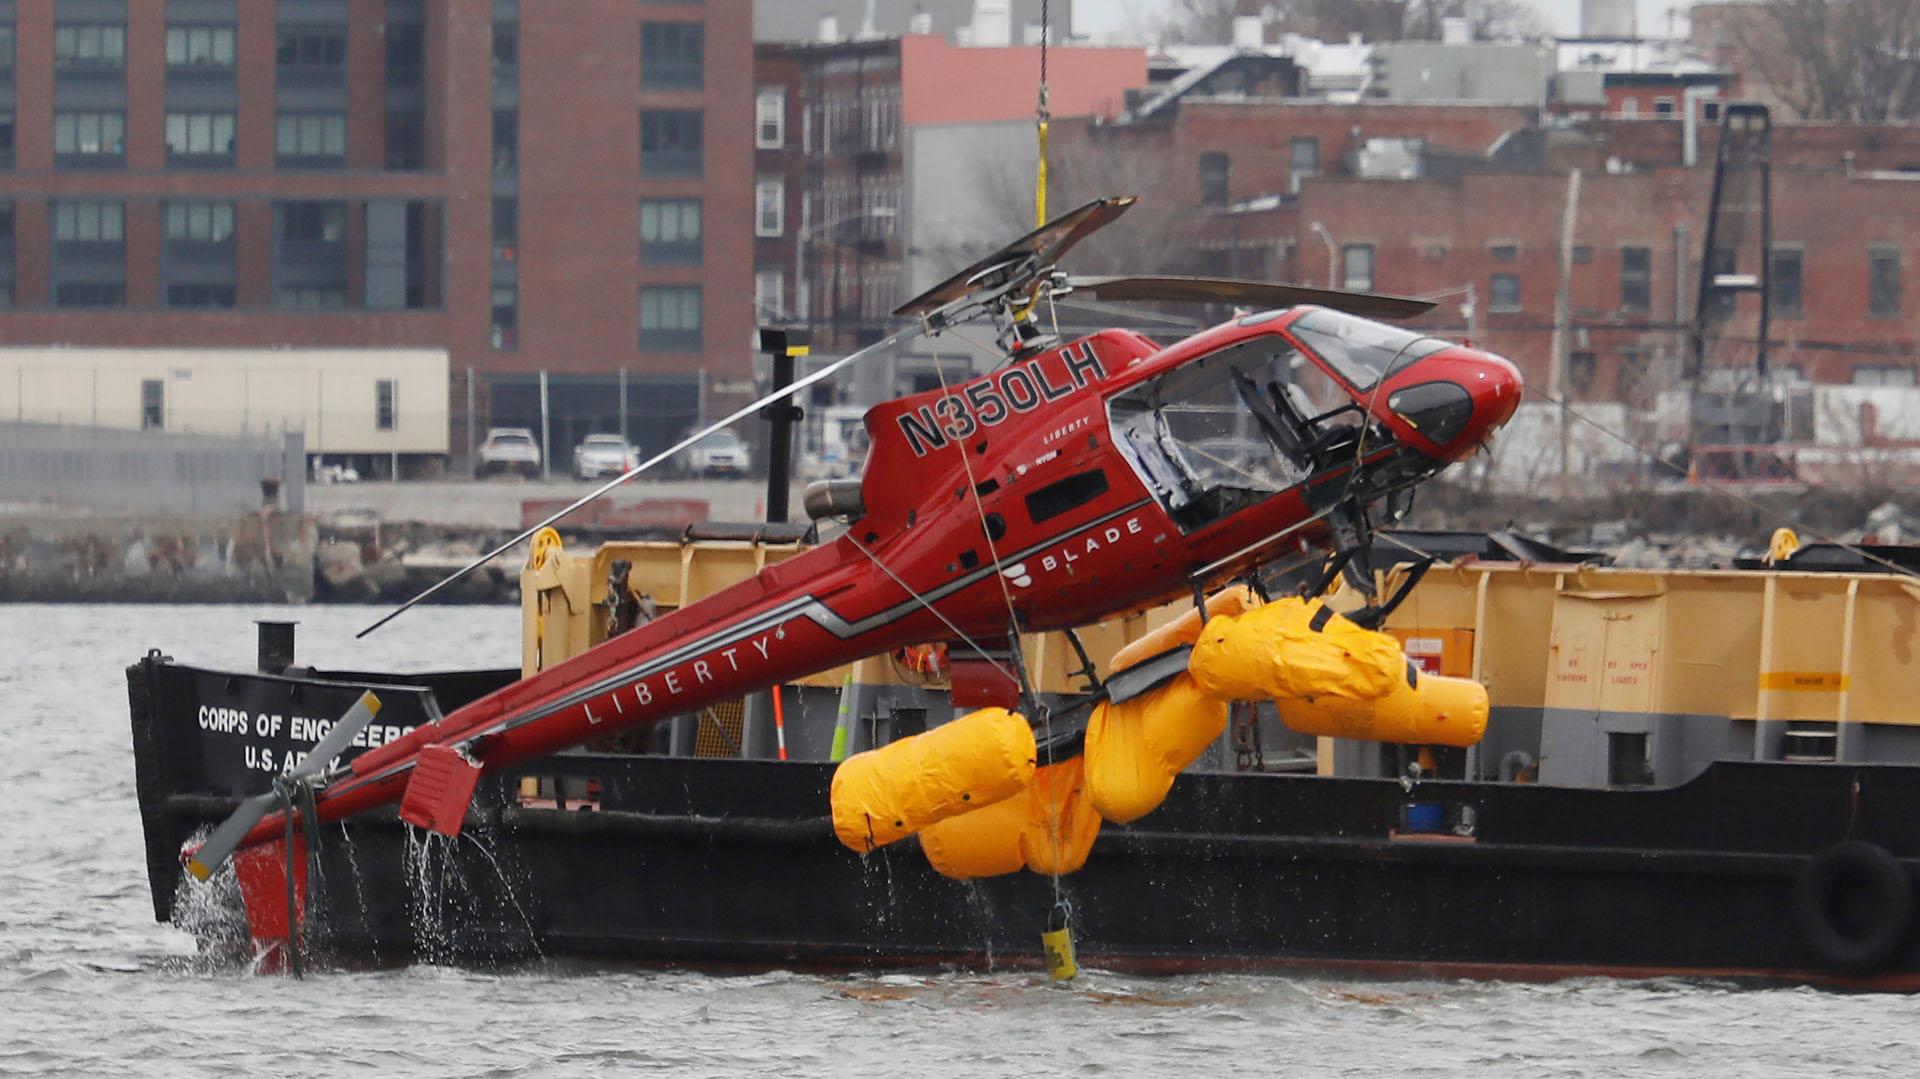 Las autoridades sacan el helicóptero del East River de Nueva York (Foto: Reuters)